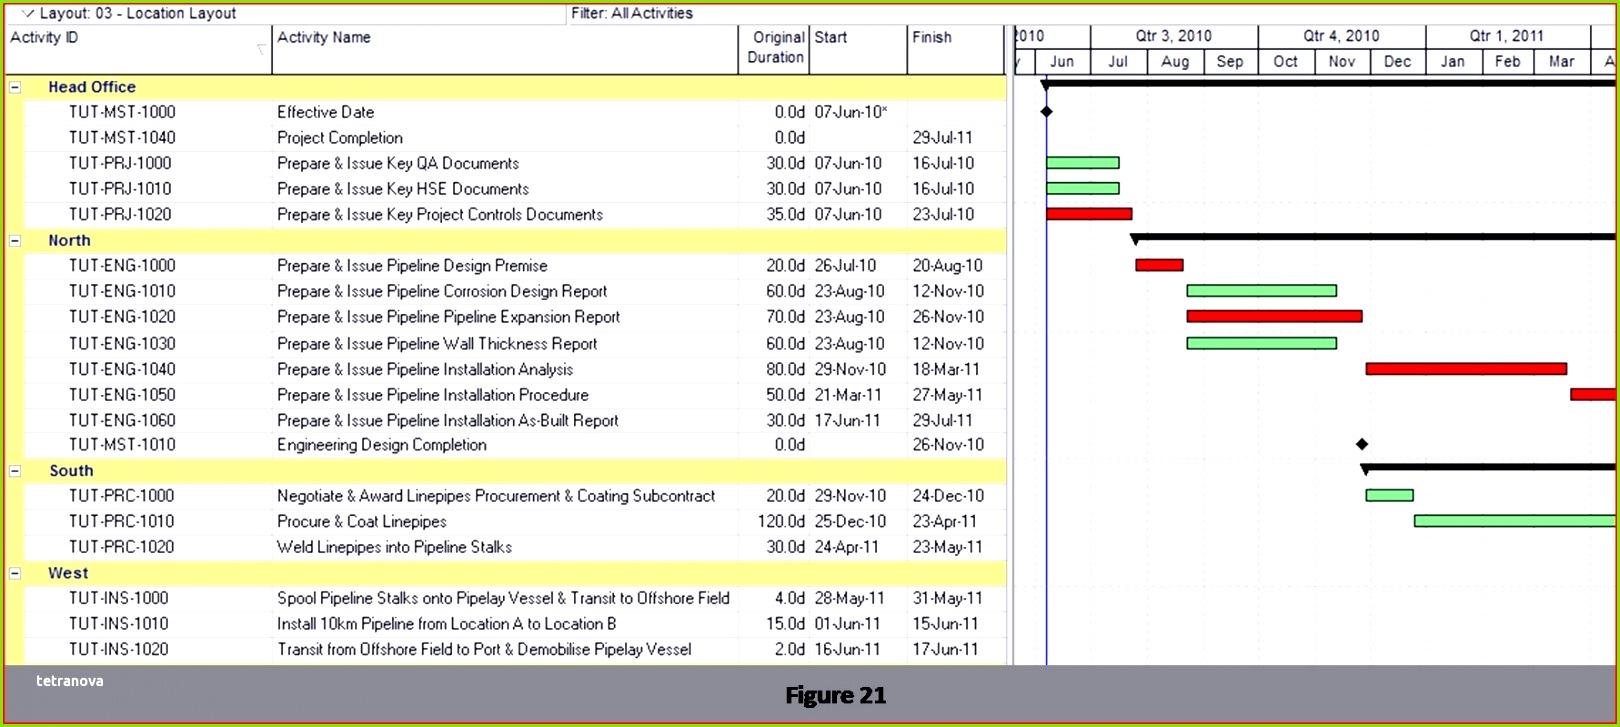 Preisliste Vorlage Excel Beste Vorlage Ideen Blog in Stunning Excel Preisliste Vorlage